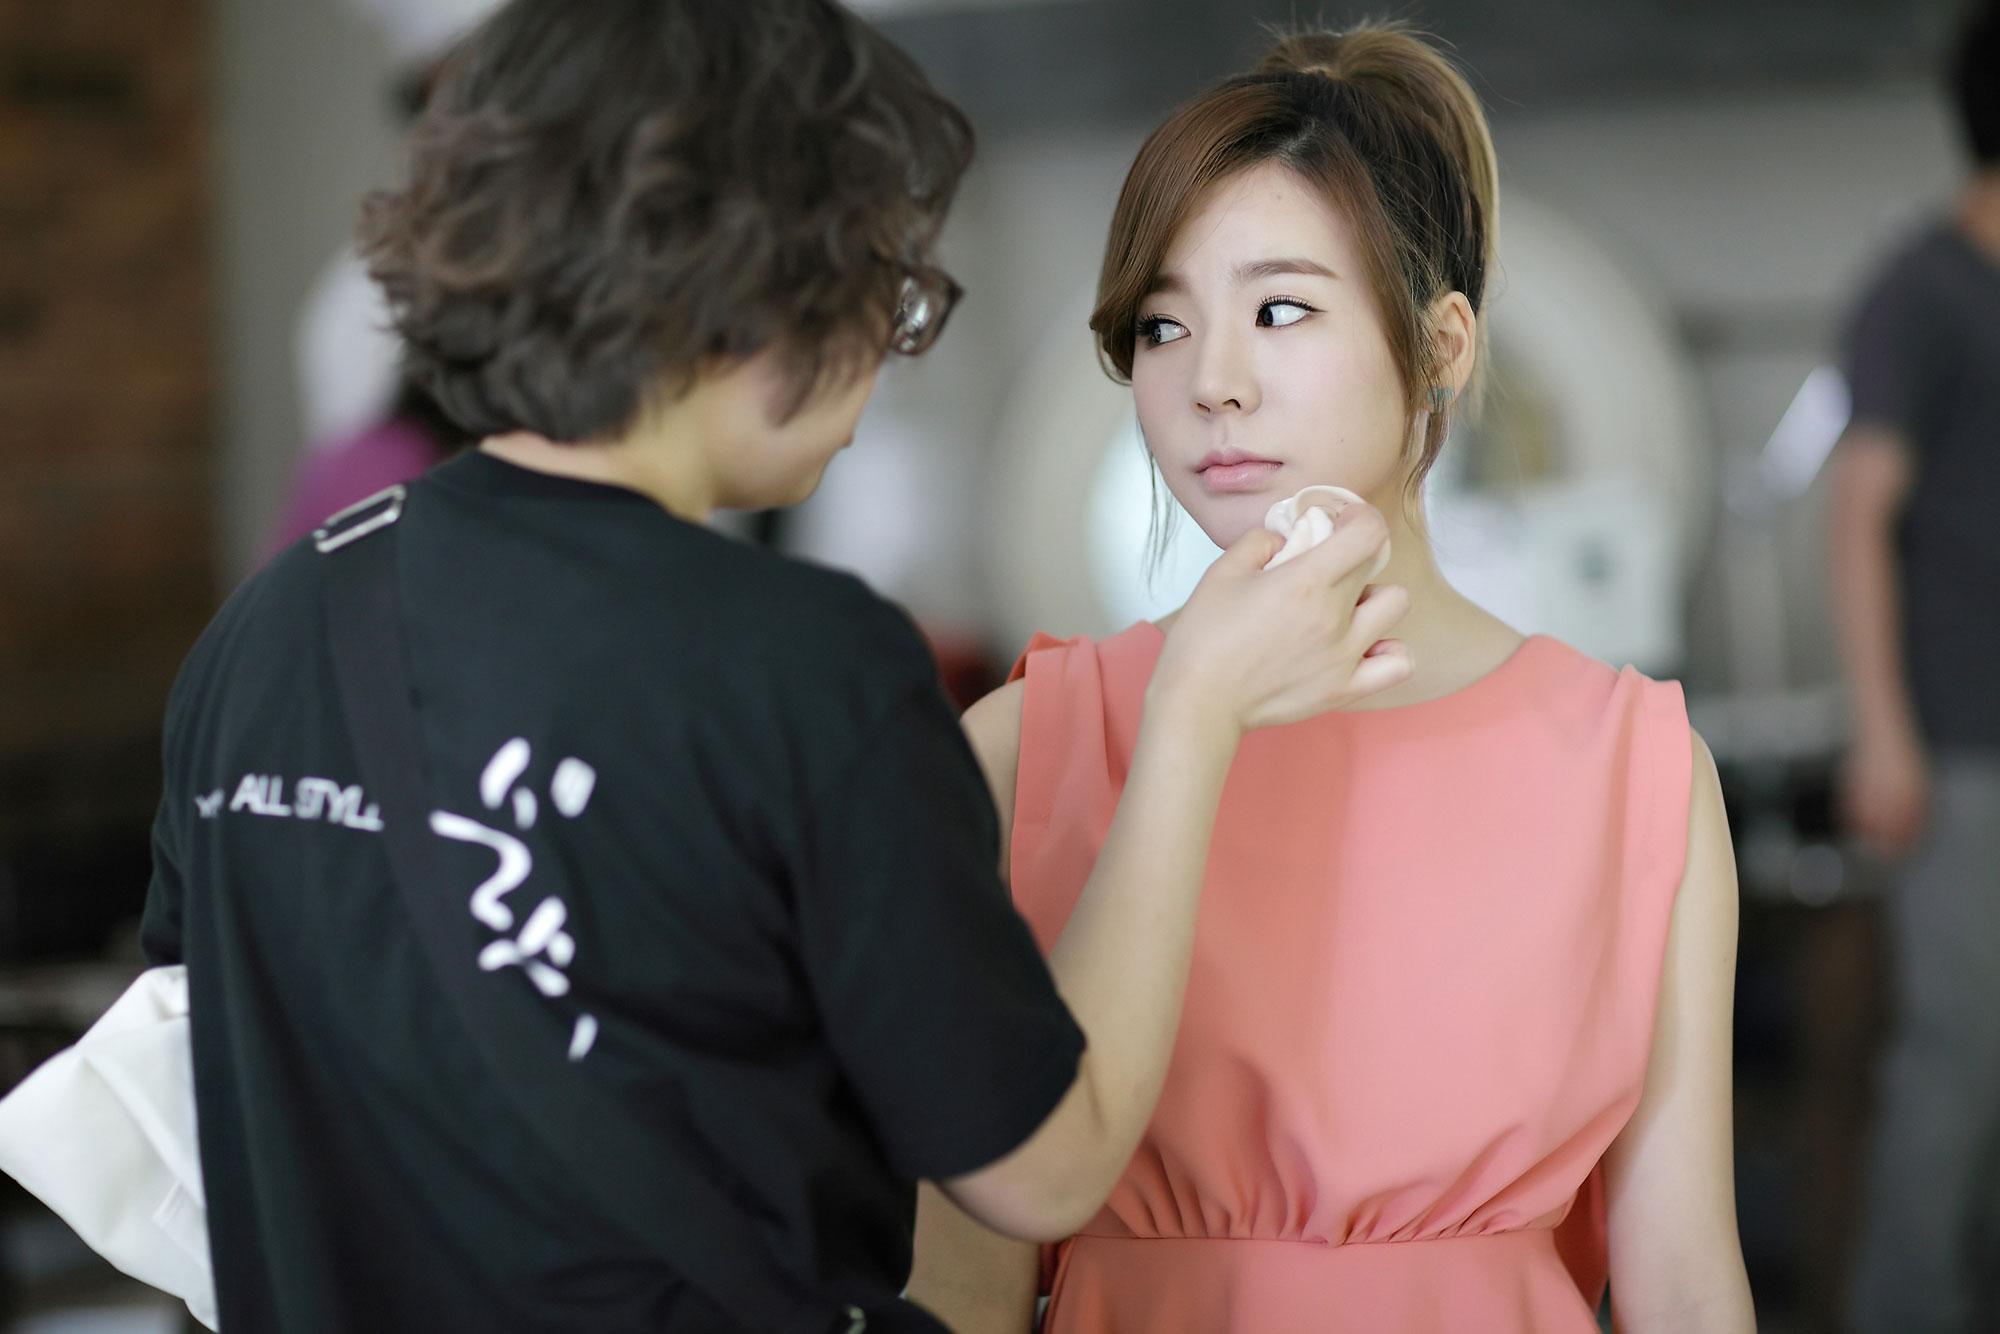 Woongjin Coway BTS HD